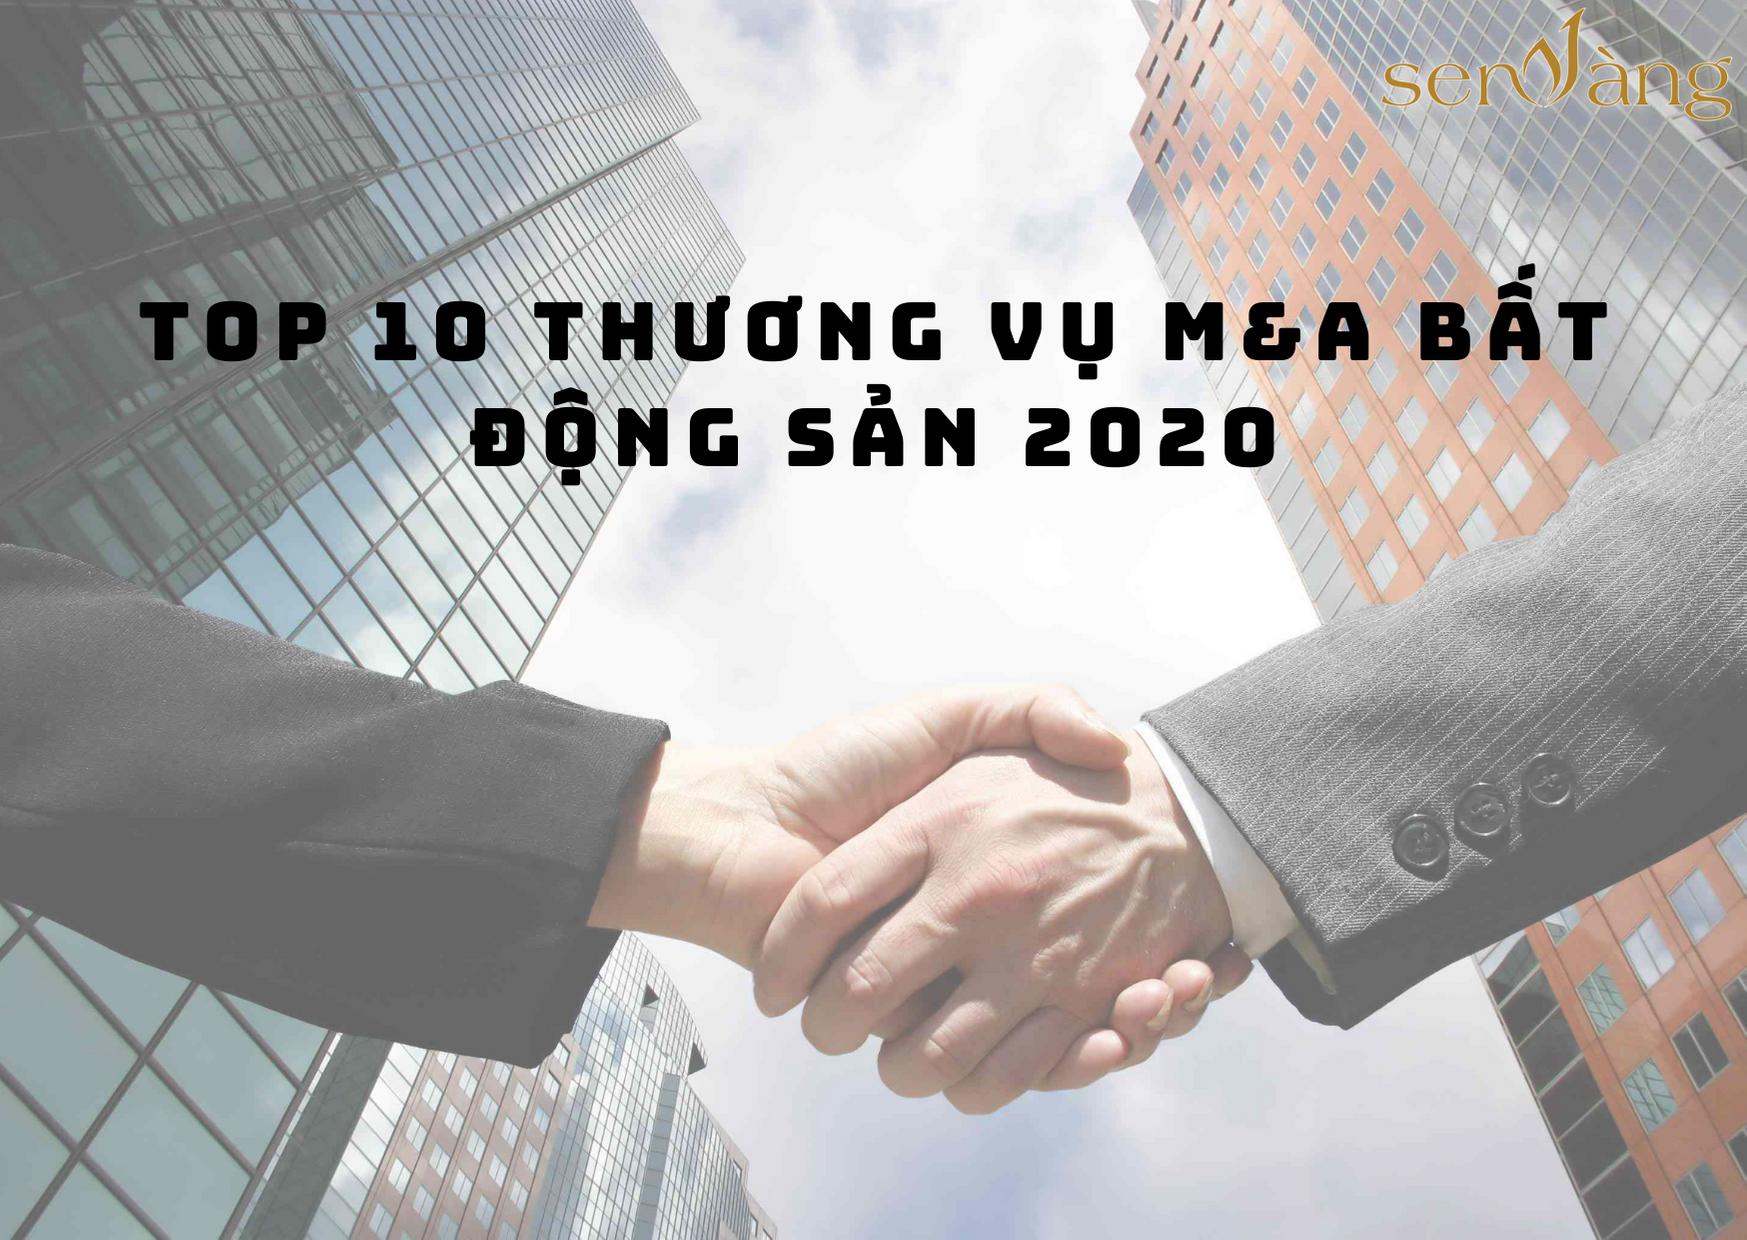 TOP 10 THƯƠNG VỤ M&A BẤT ĐỘNG SẢN 2020